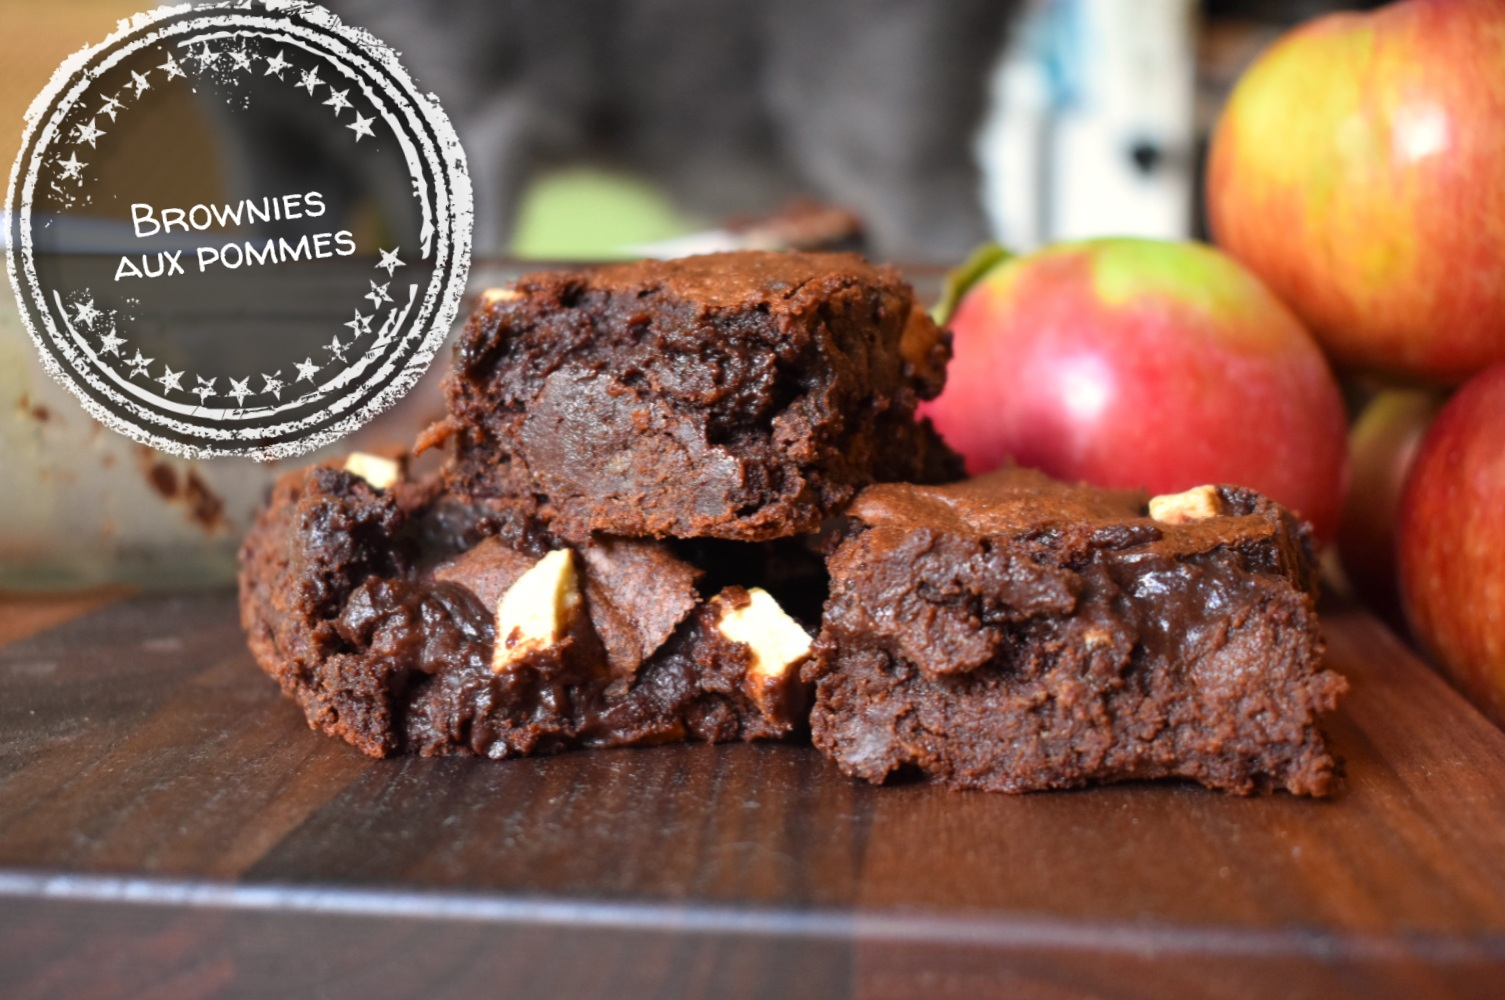 Brownies aux pommes - Auboutdelalangue.com (12)